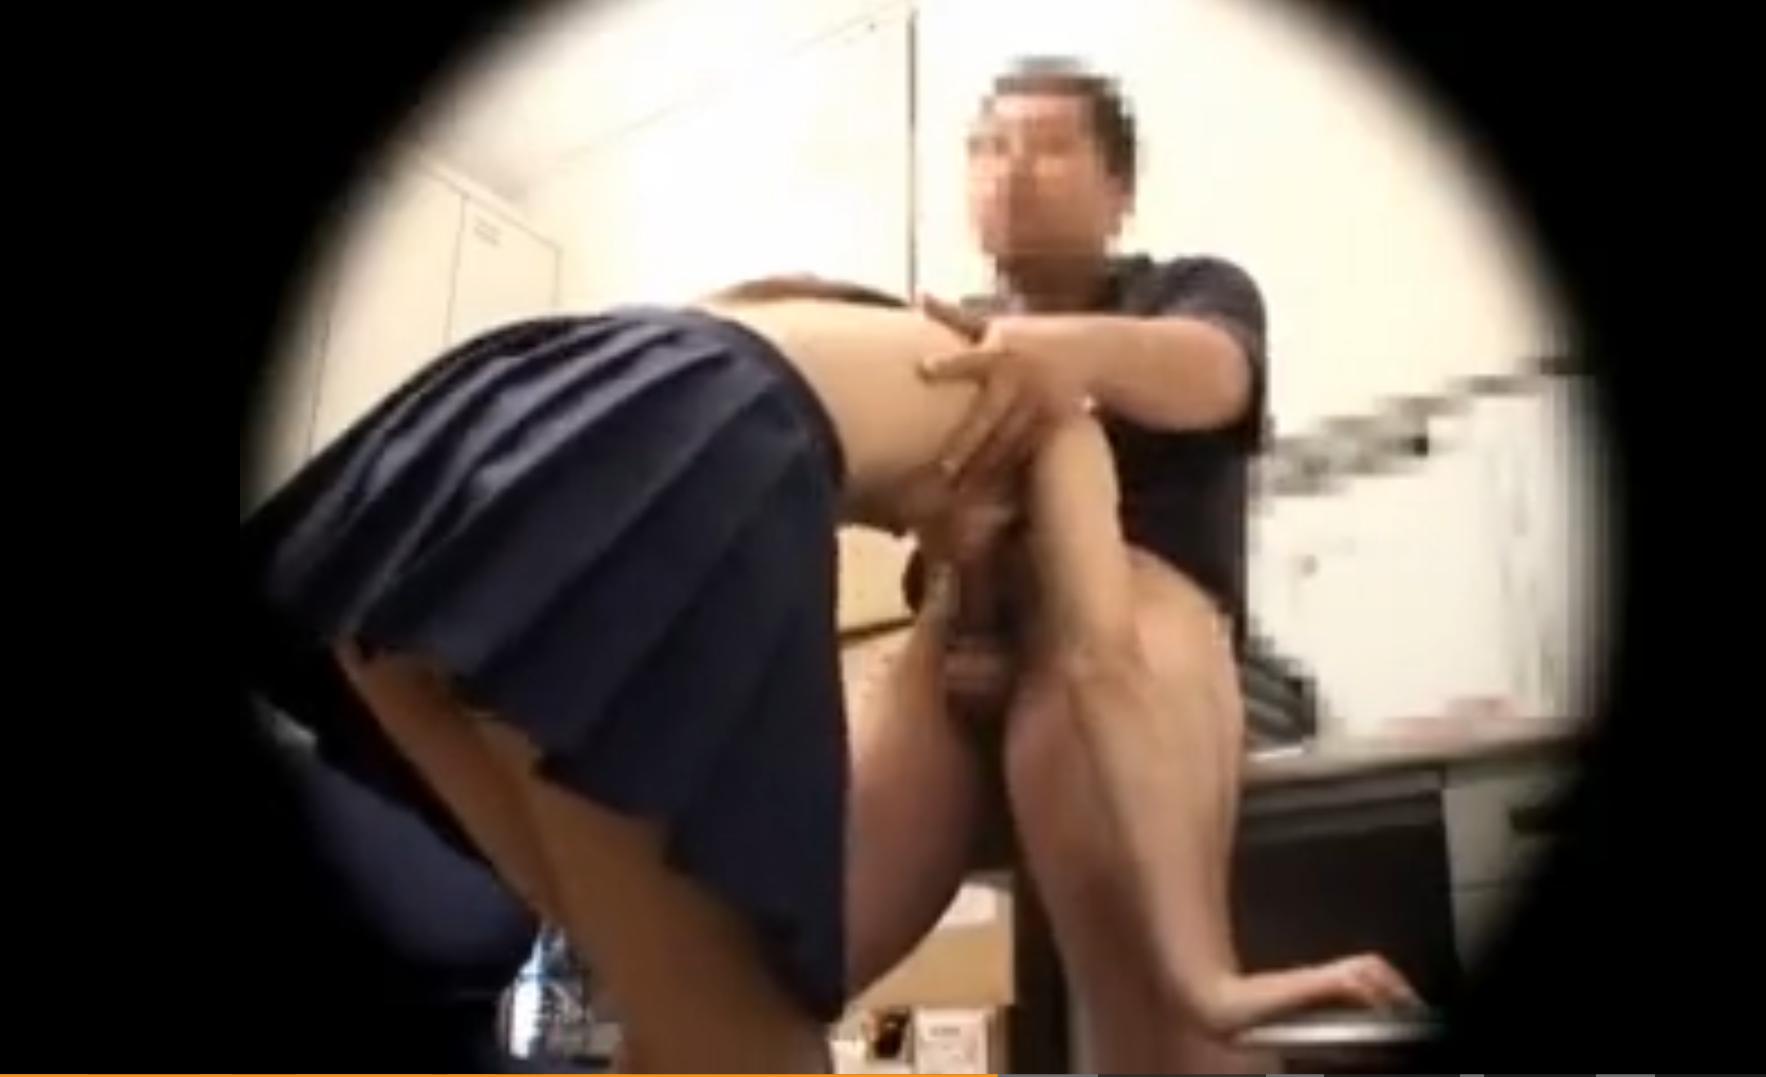 万引きJKが事務所に連れ込まれ犯される盗撮映像!密室で店長にレイプされ中出しの餌食に…!